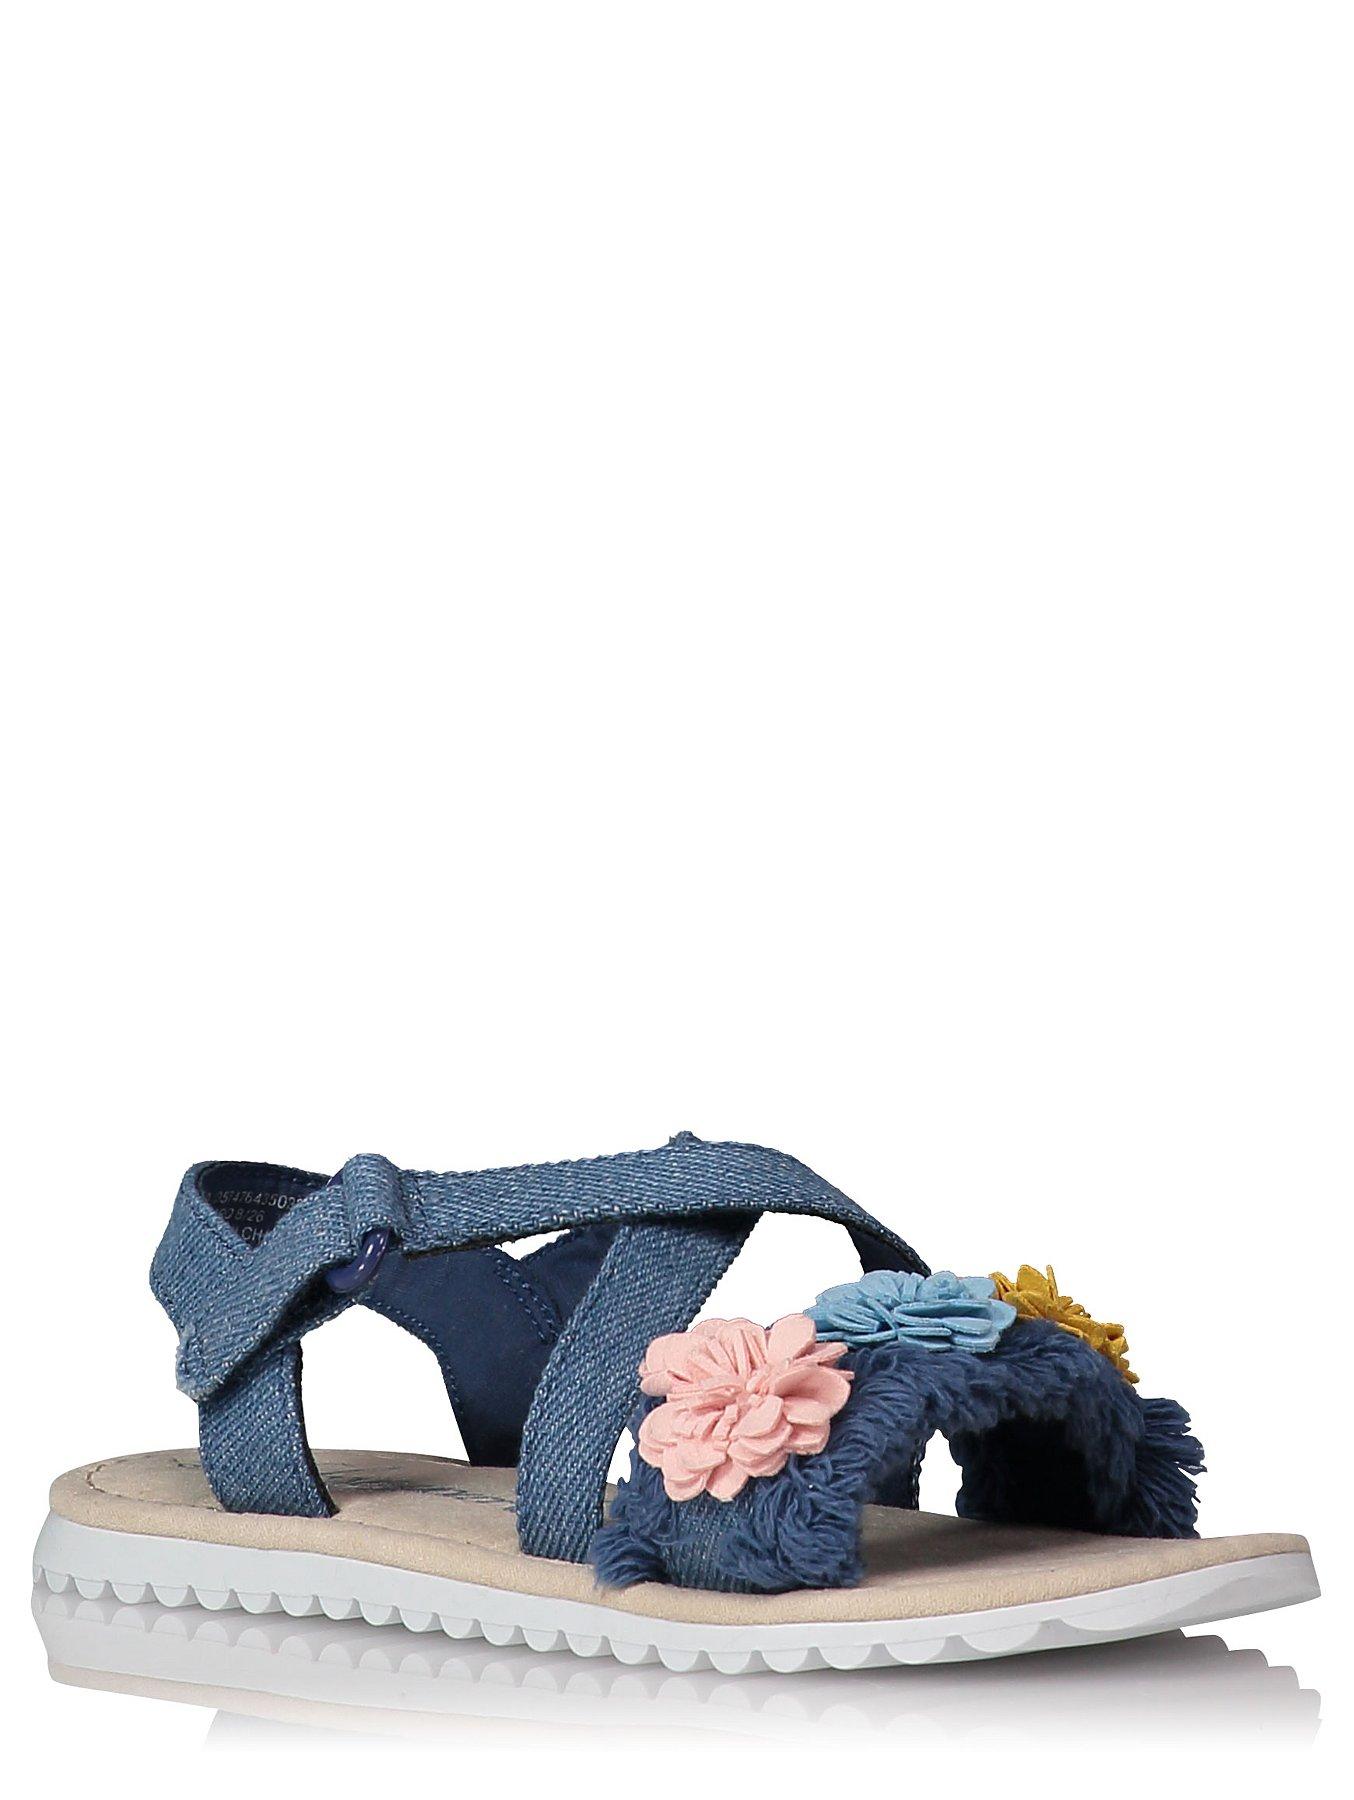 b5940c2f9c62c Floral Denim-look Sandals. Reset